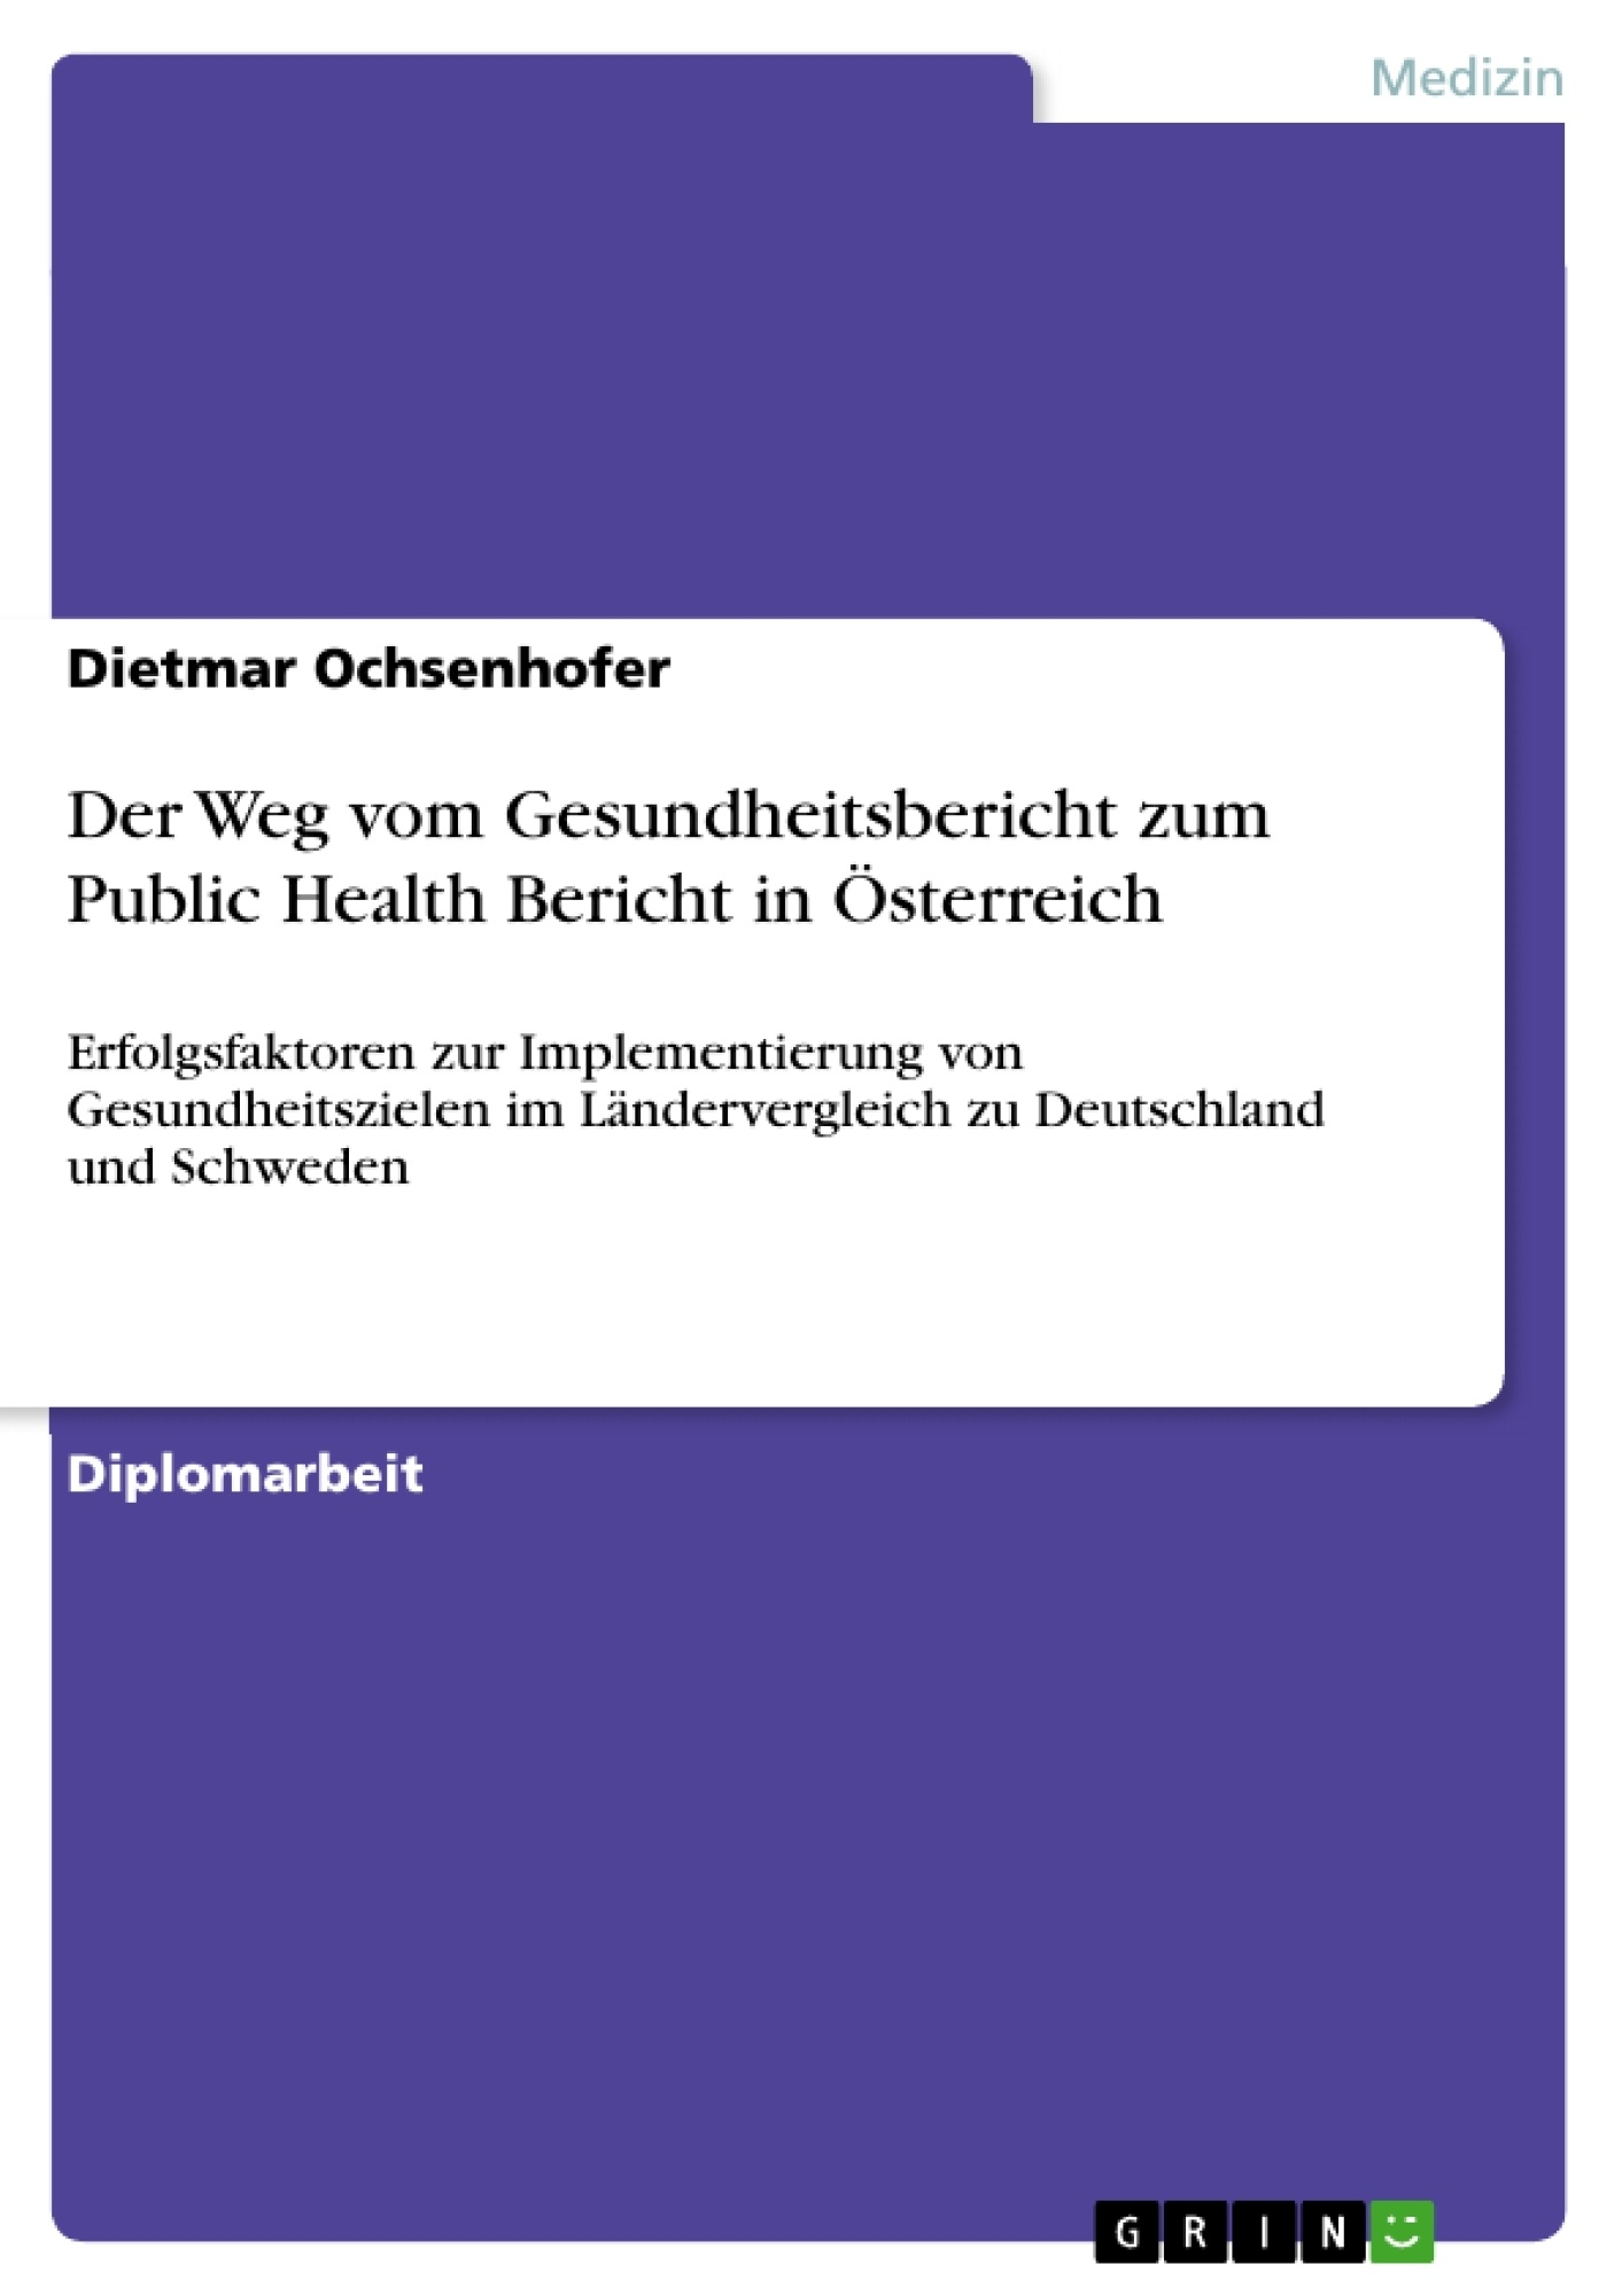 Titel: Der Weg vom Gesundheitsbericht zum Public Health Bericht in Österreich